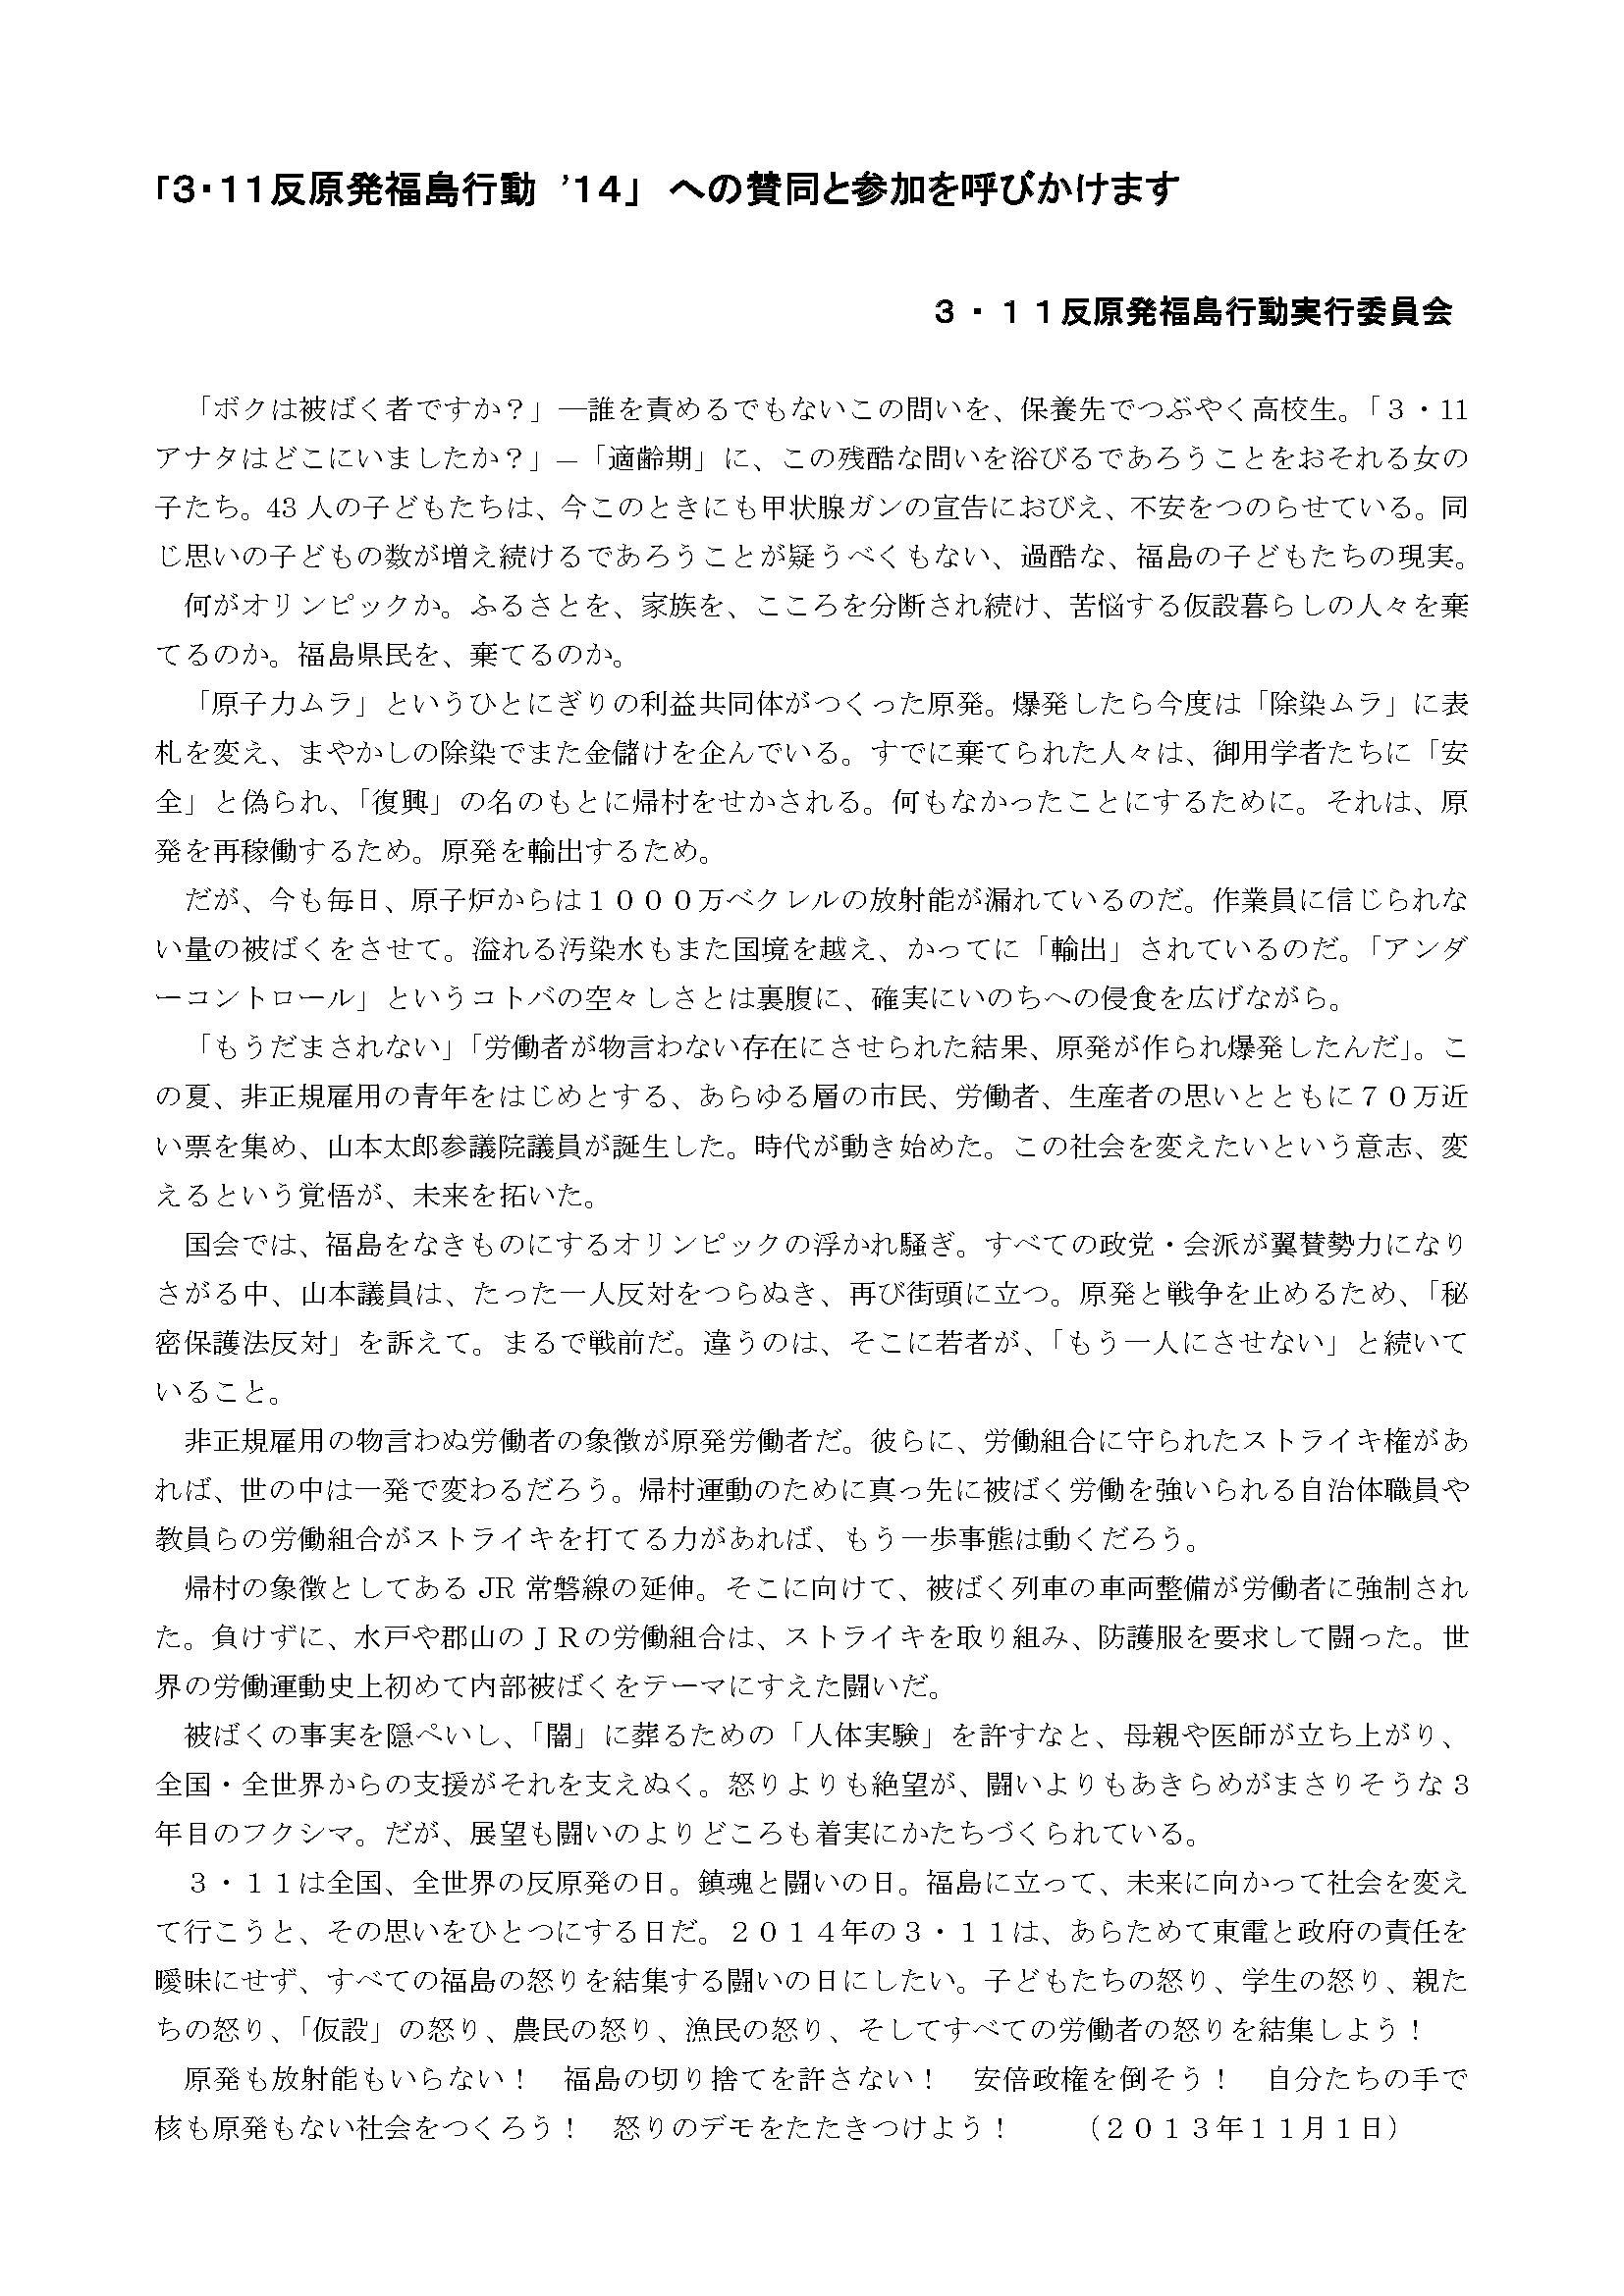 「3・11反原発福島行動 '14」呼びかけ_表